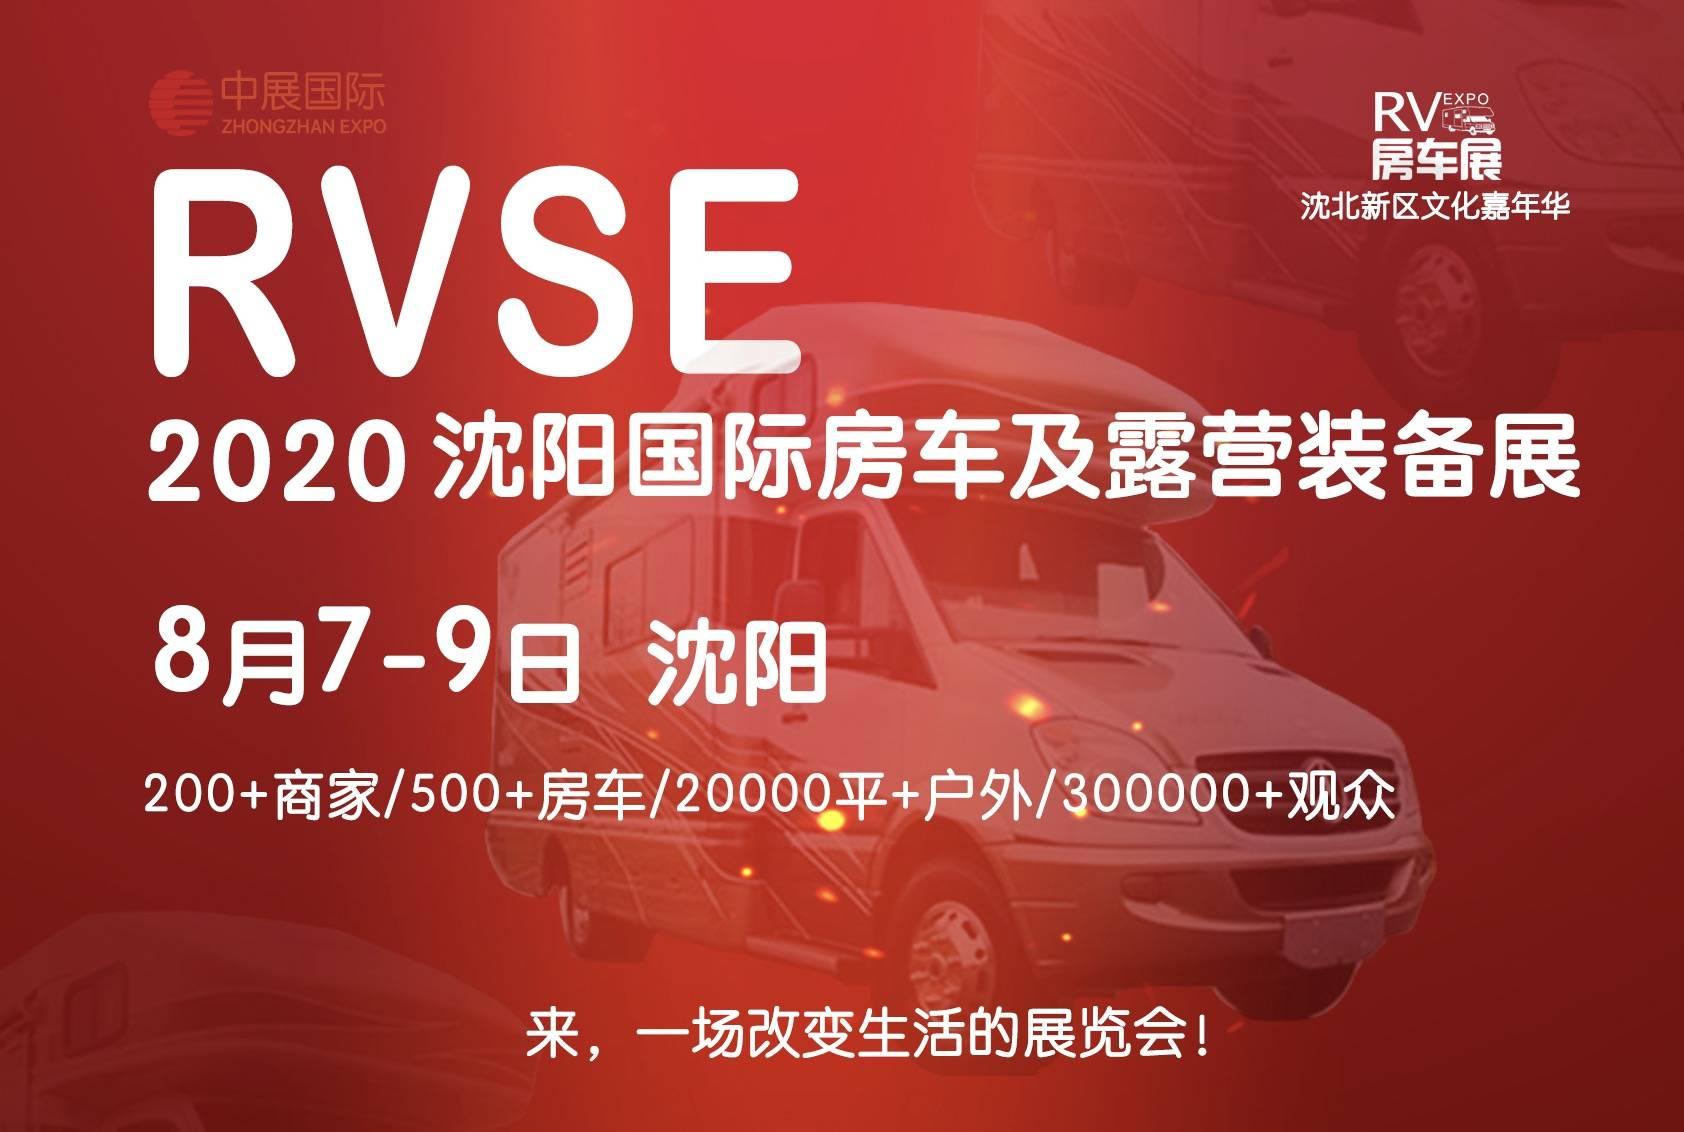 2020沈阳房车嘉年华,8月7-9日在沈北新区玉衡园巨献开幕!